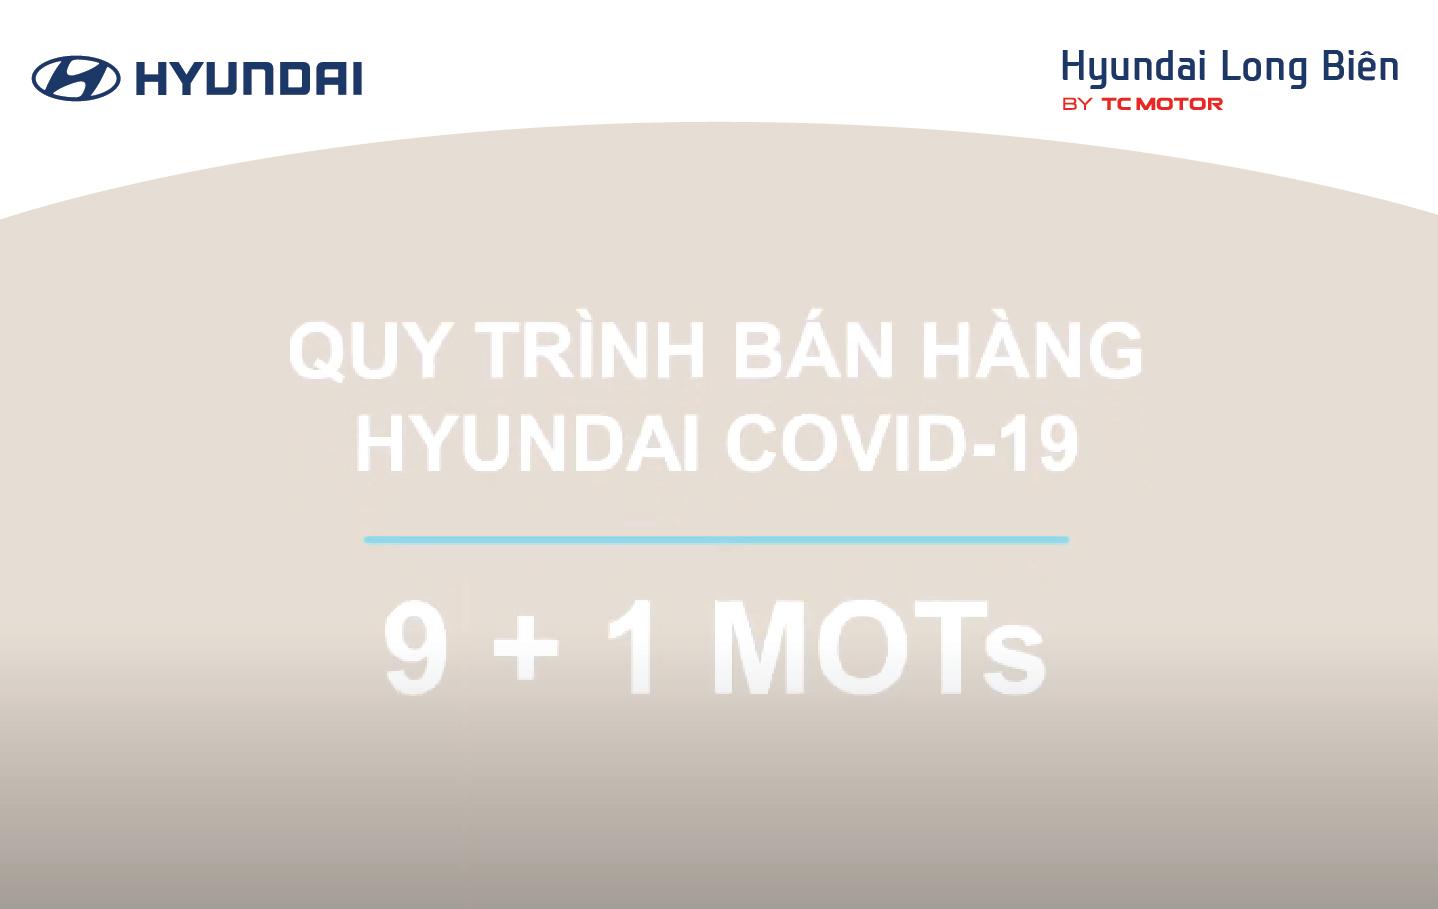 QUY TRÌNH BÁN HÀNG HYUNDAI COVID-19 | HYUNDAI LONG BIÊN